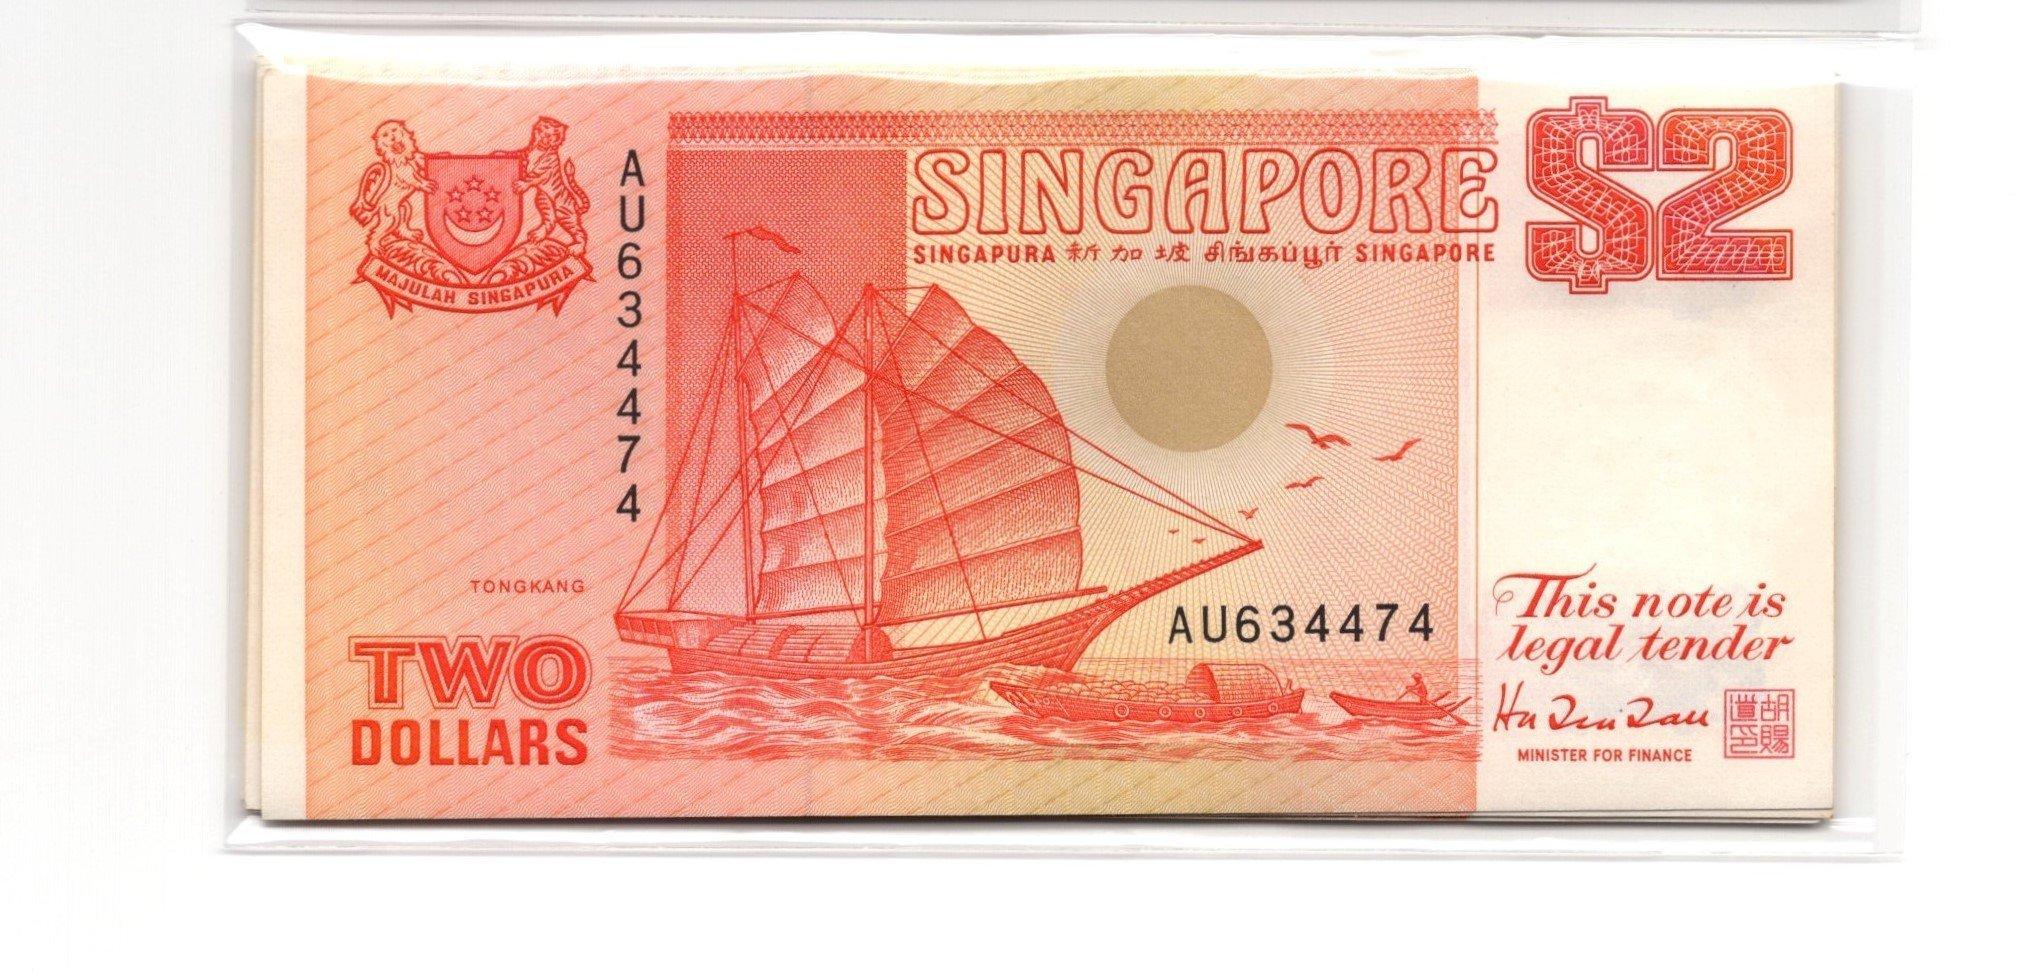 Singapore 2 dollars ship